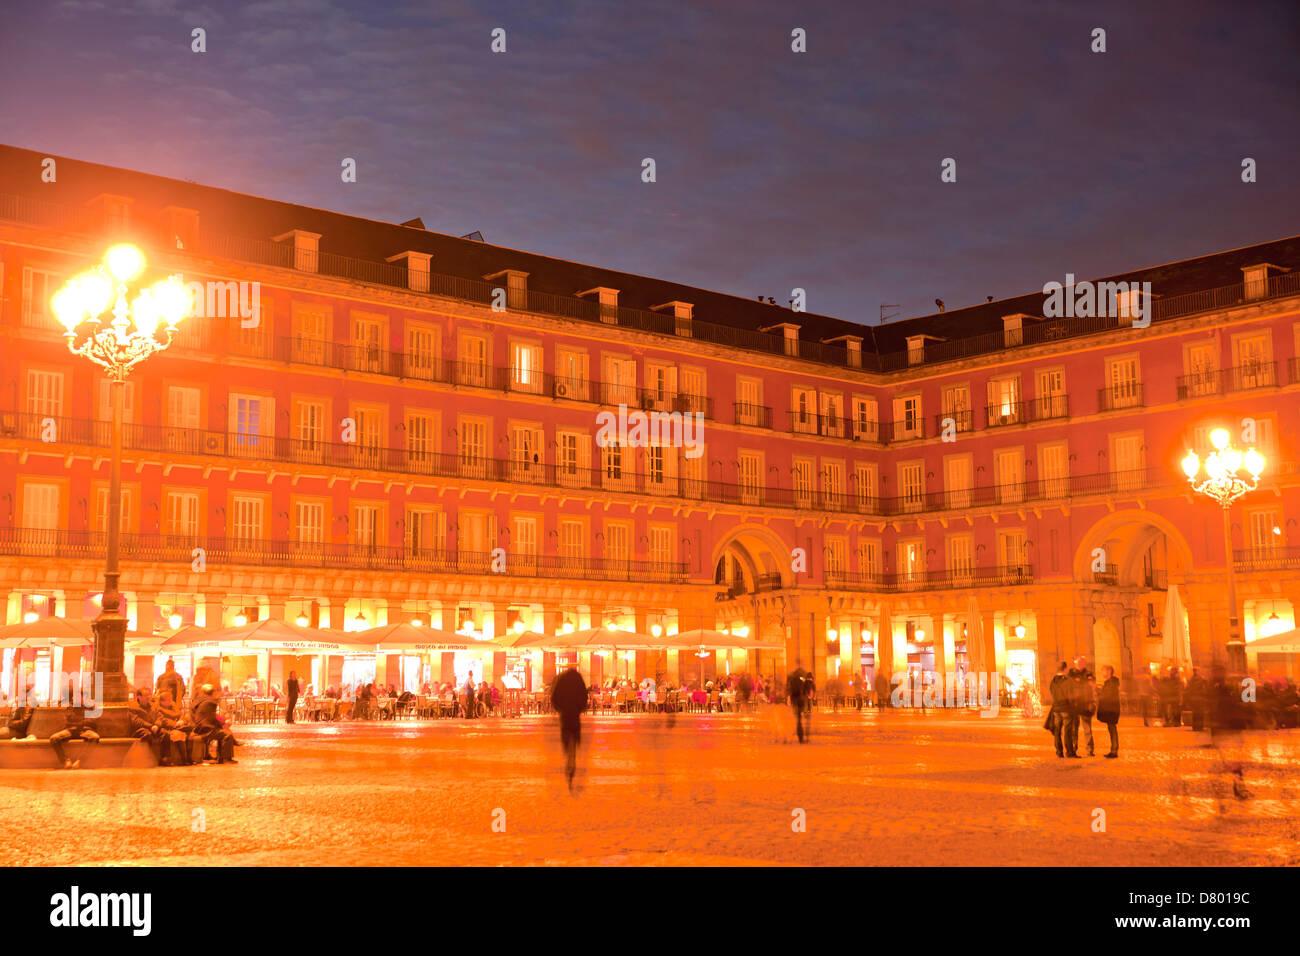 La plaza central de la Plaza Mayor por la noche, Madrid, España Imagen De Stock